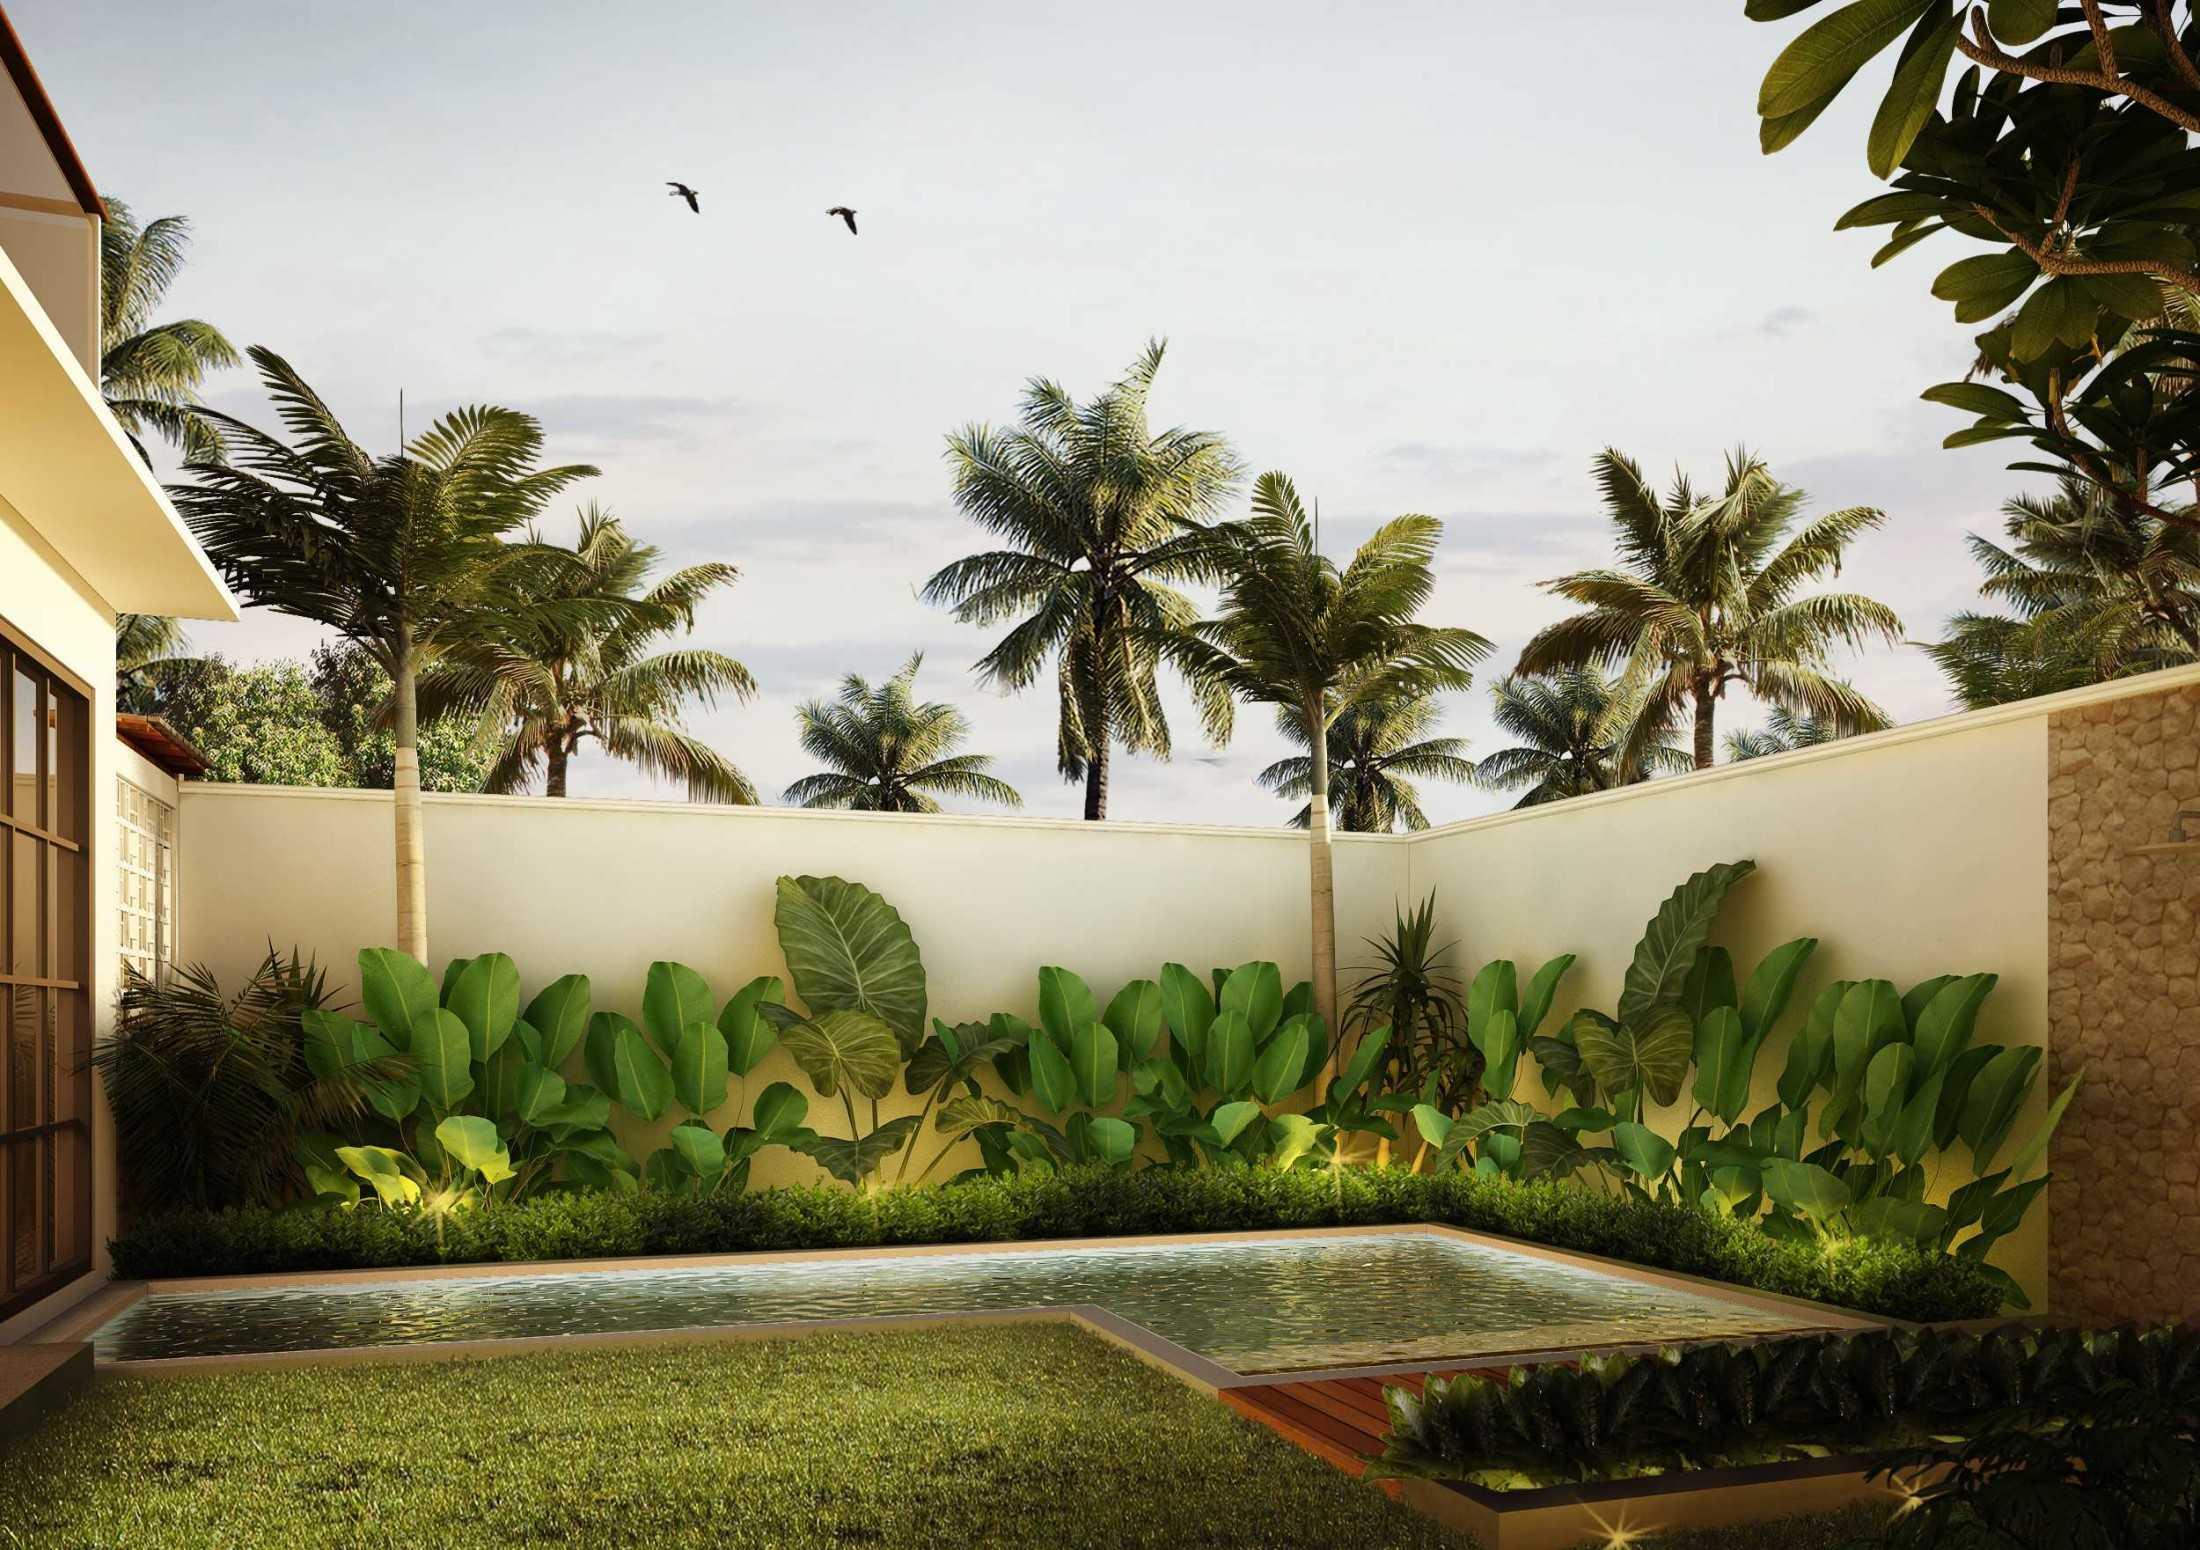 Dnaprojectbali Villa Borgobuduk Bali, Indonesia Bali, Indonesia Dnaprojectbali-Villa-Borgobuduk  131011